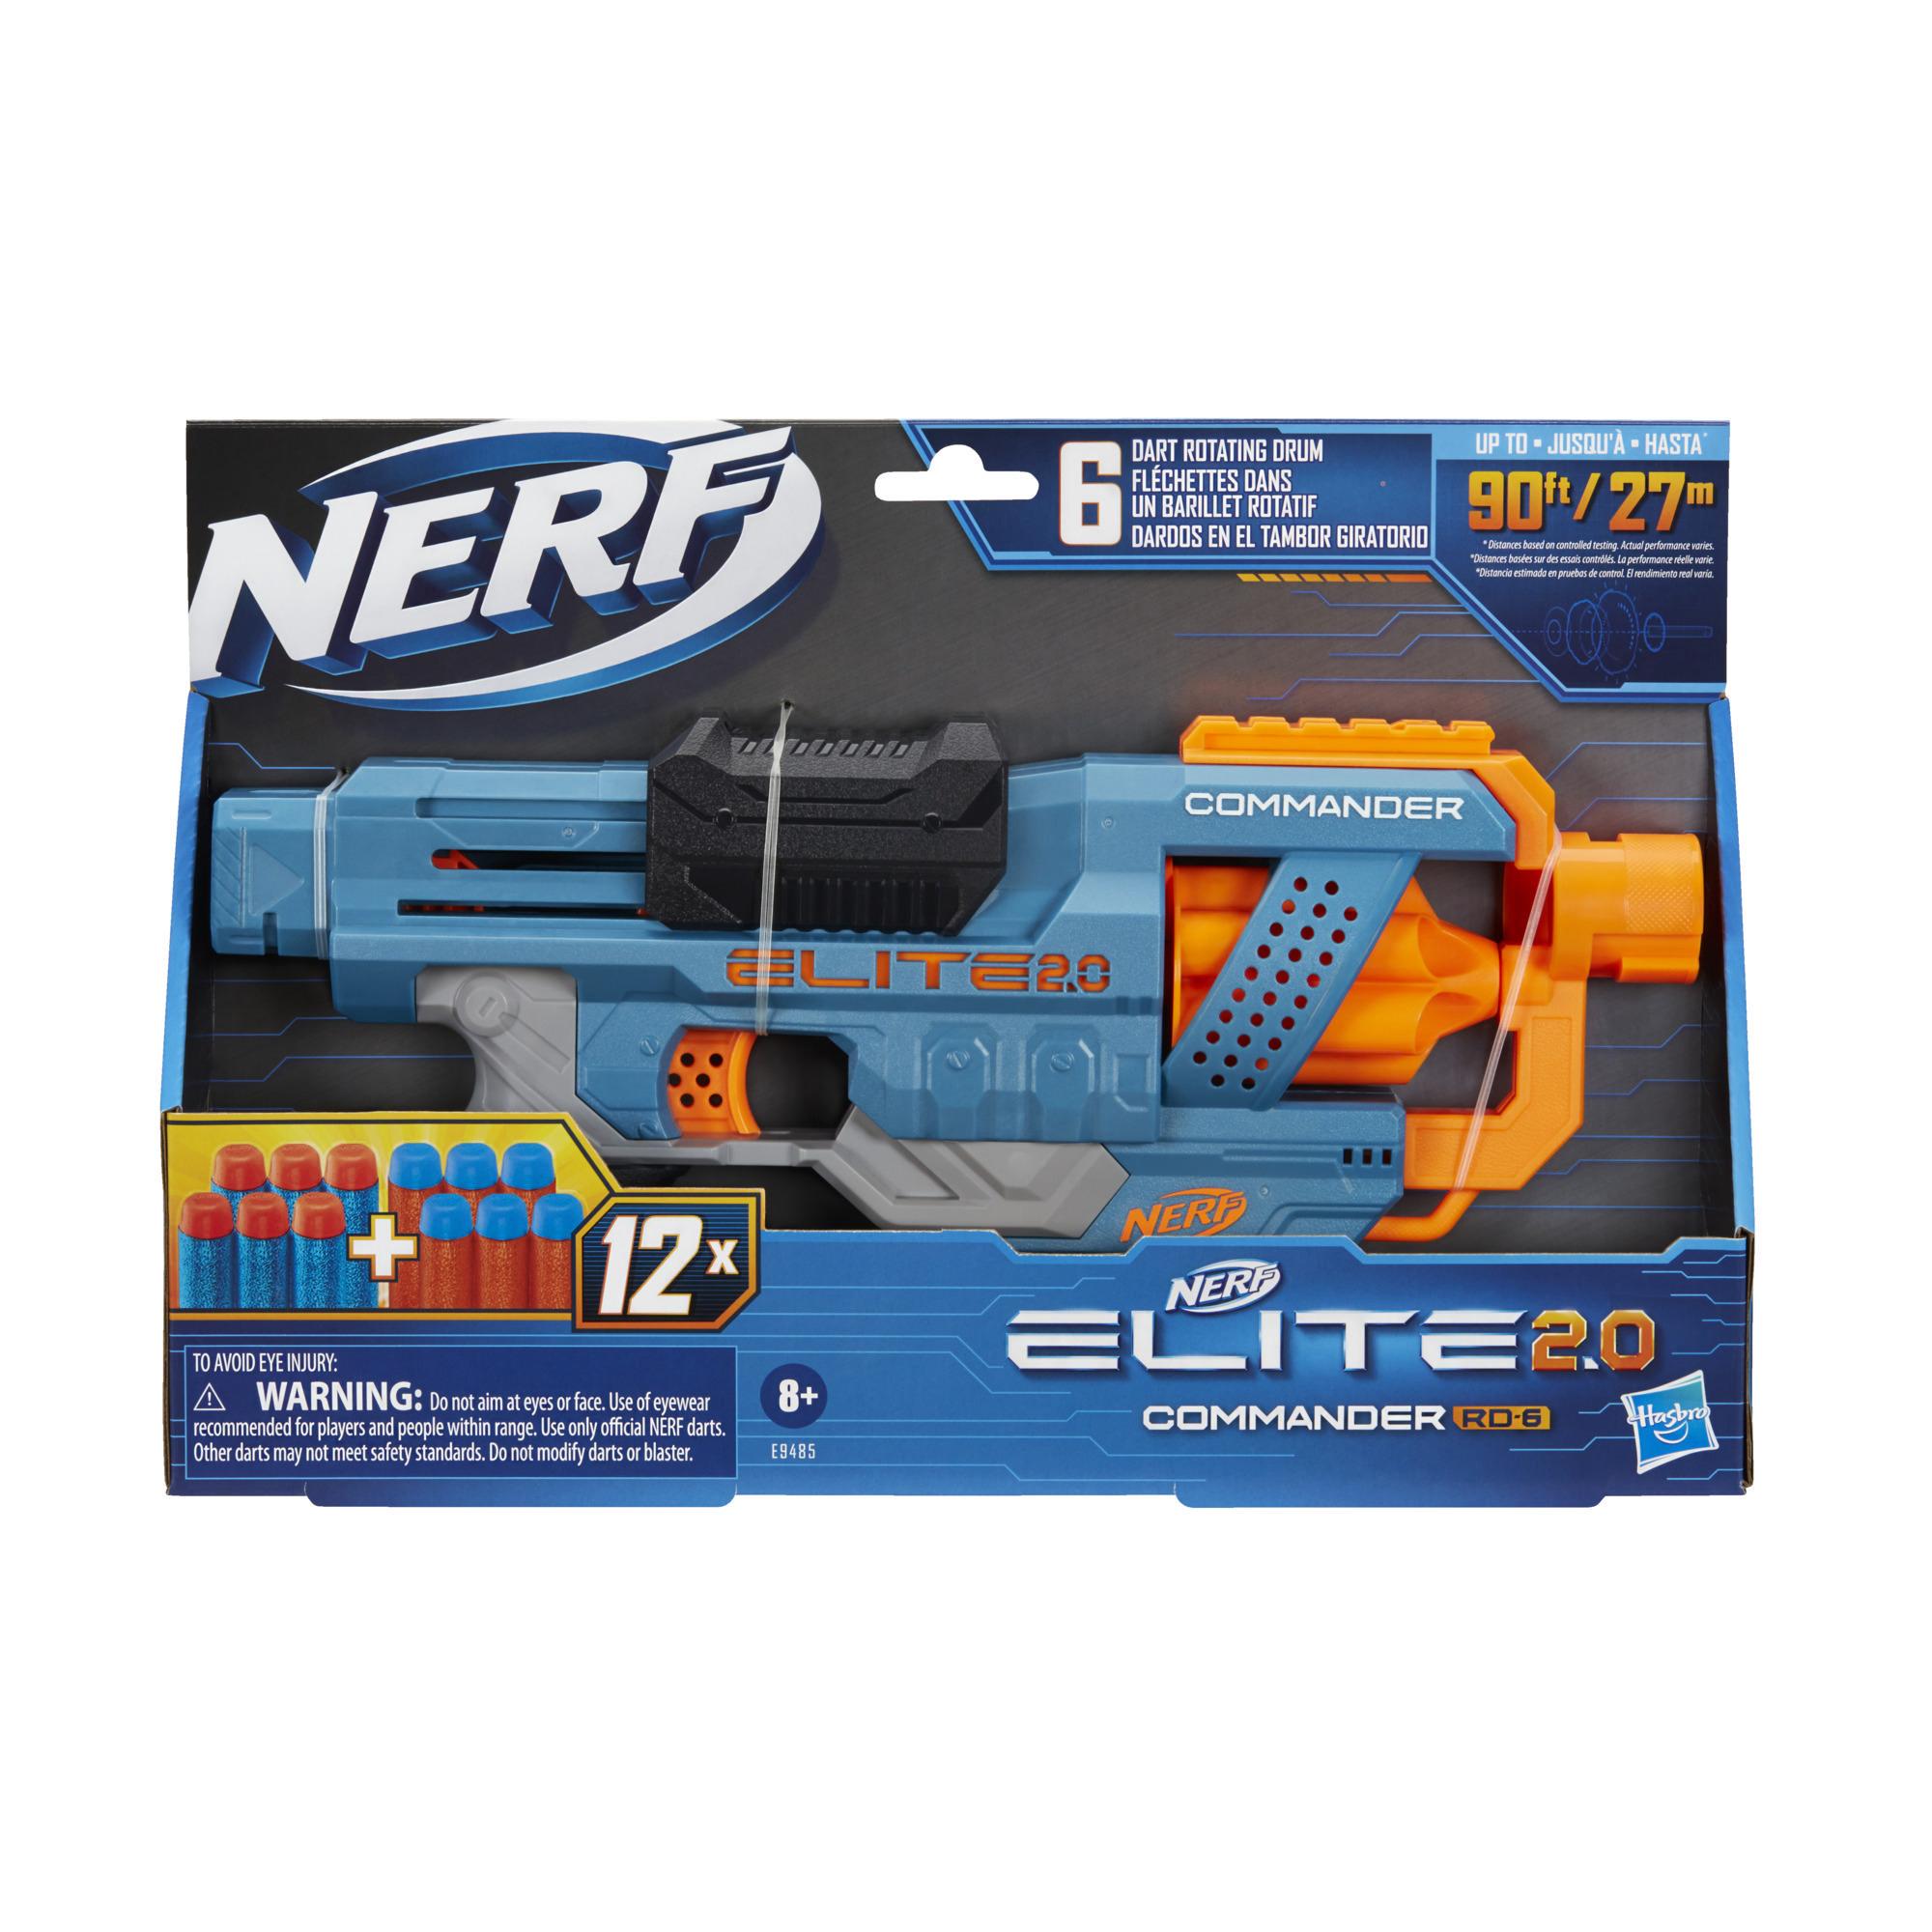 Nerf Elite 2.0 Commander RD-6-blaster, 12 offisielle Nerf-piler, roterende trommel for 6 piler, innebygde egenskaper for tilpasning